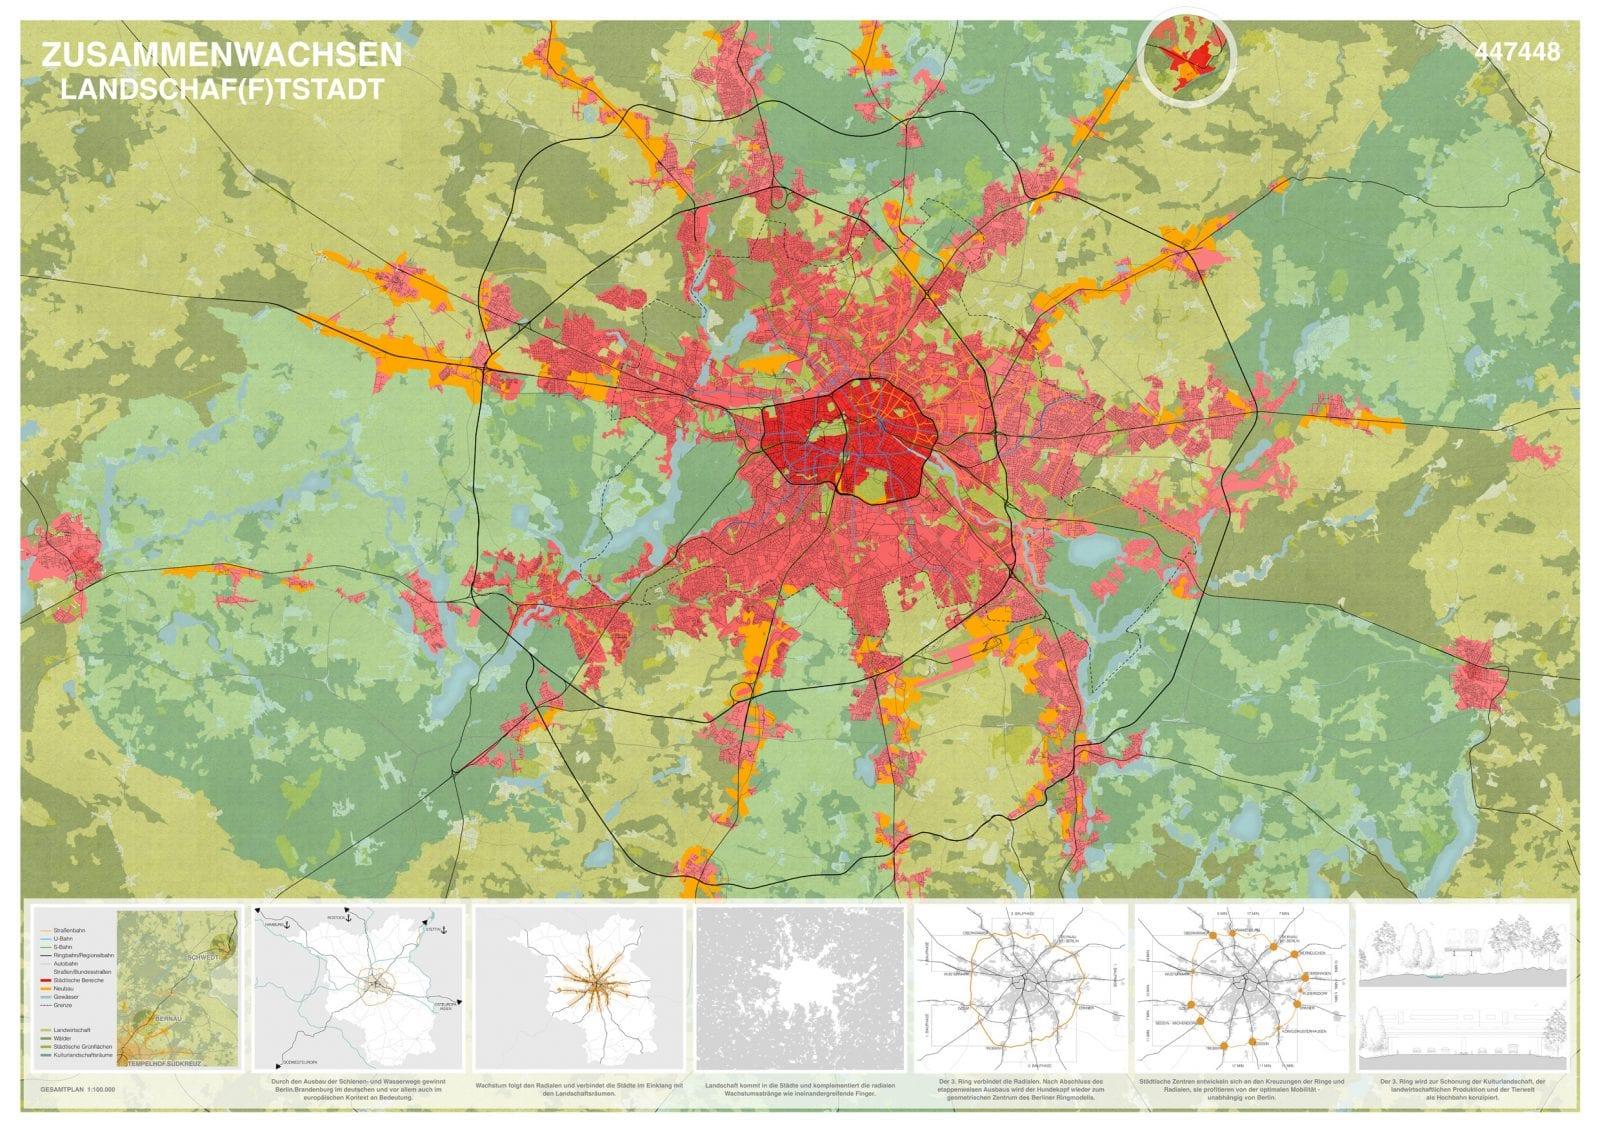 Berlin-Brandenburg 2070, Strategieplan 1:100.000 (Abbildung: Bernd Albers Architekten)